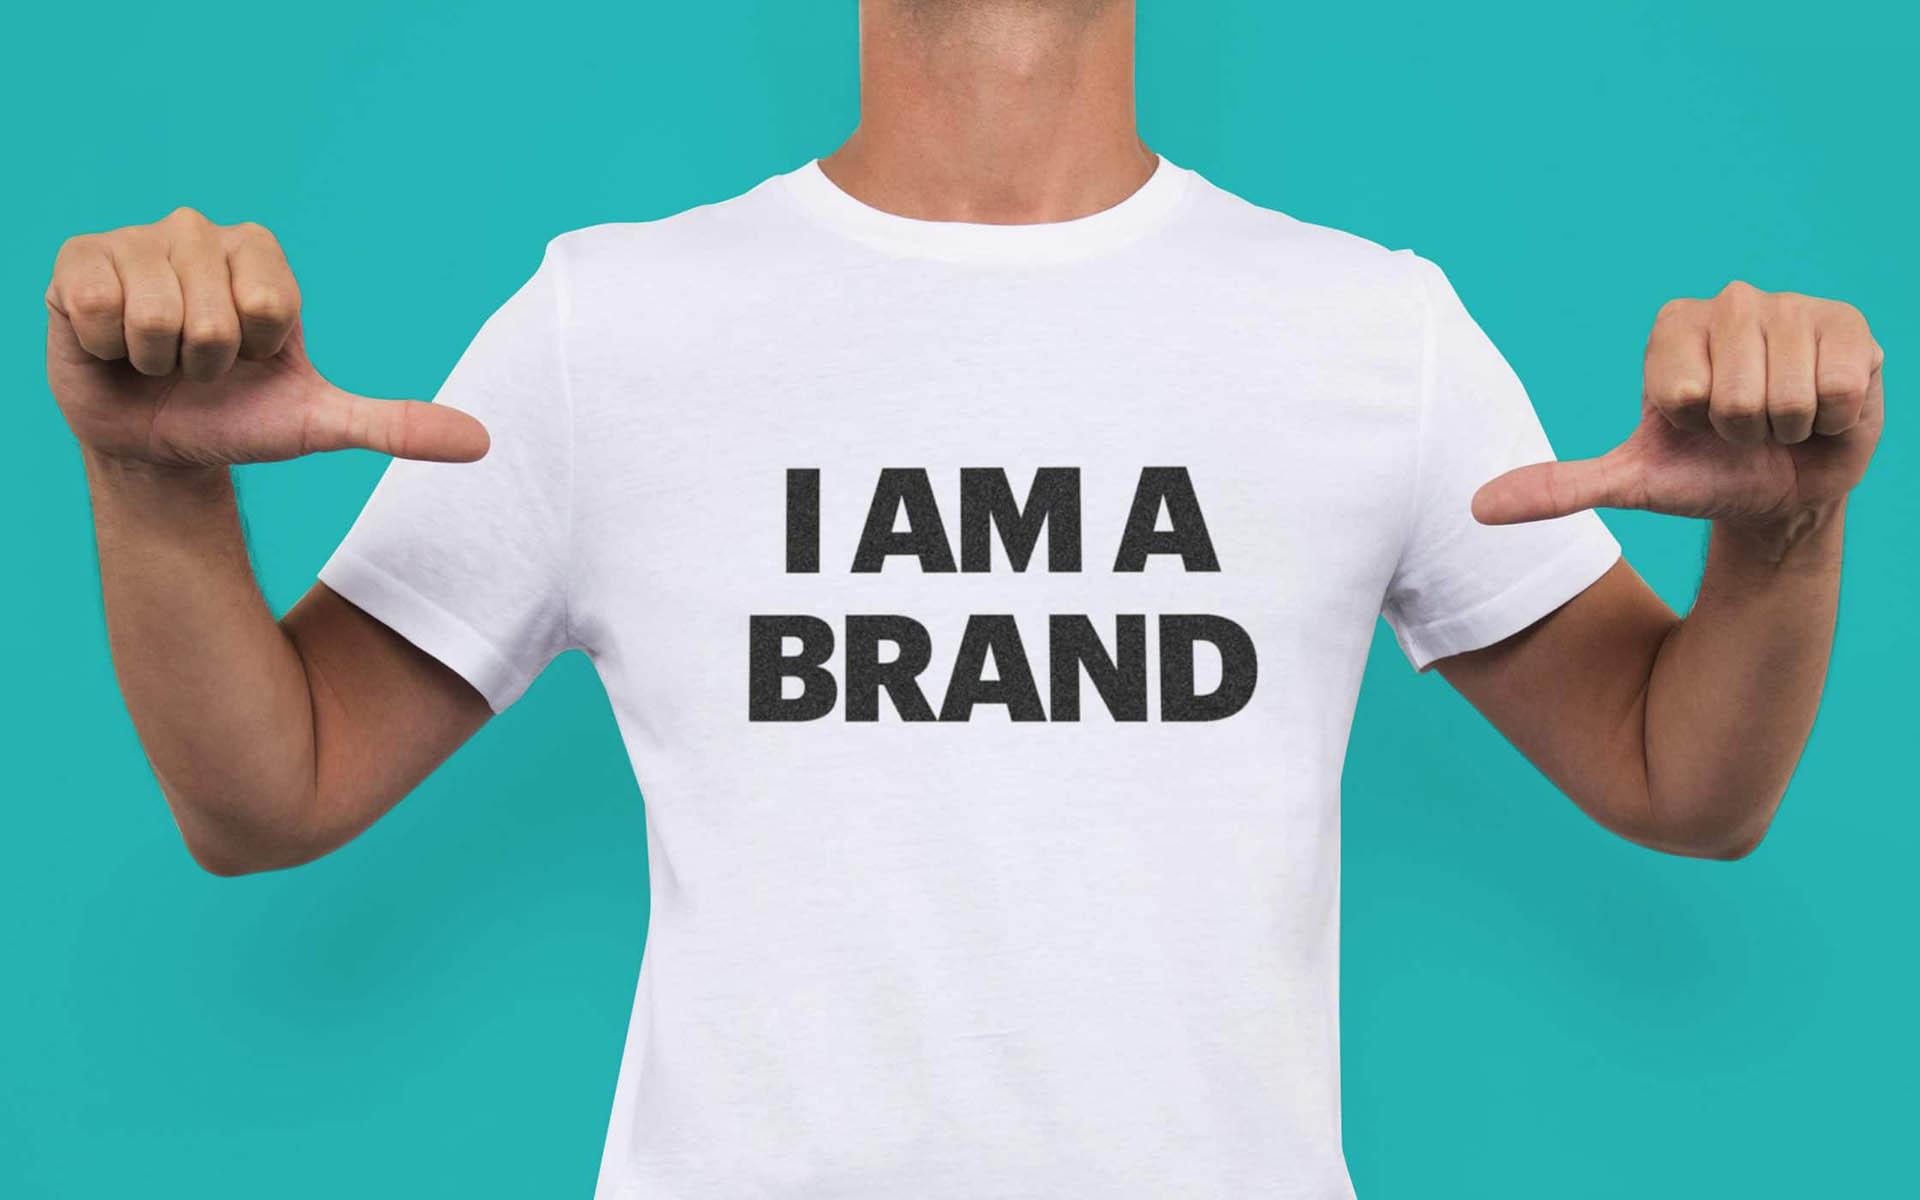 Бесплатный вебинар: Как с помощью персонального бренда увеличить прибыль бизнеса